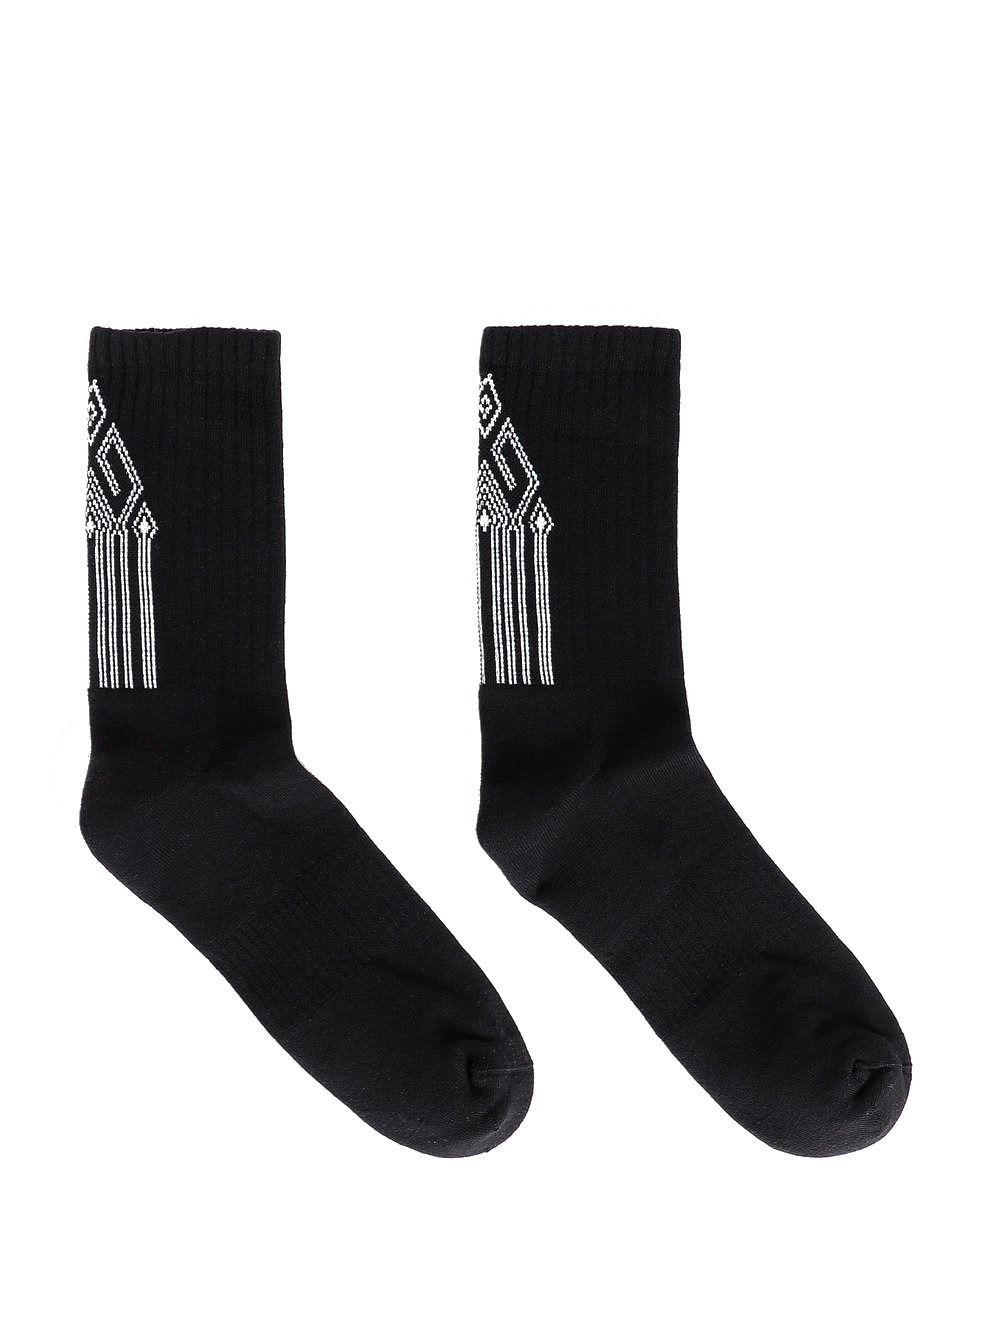 MARCELO BURLON MEN'S CMRA008R20FAB0081001 BLACK COTTON SOCKS